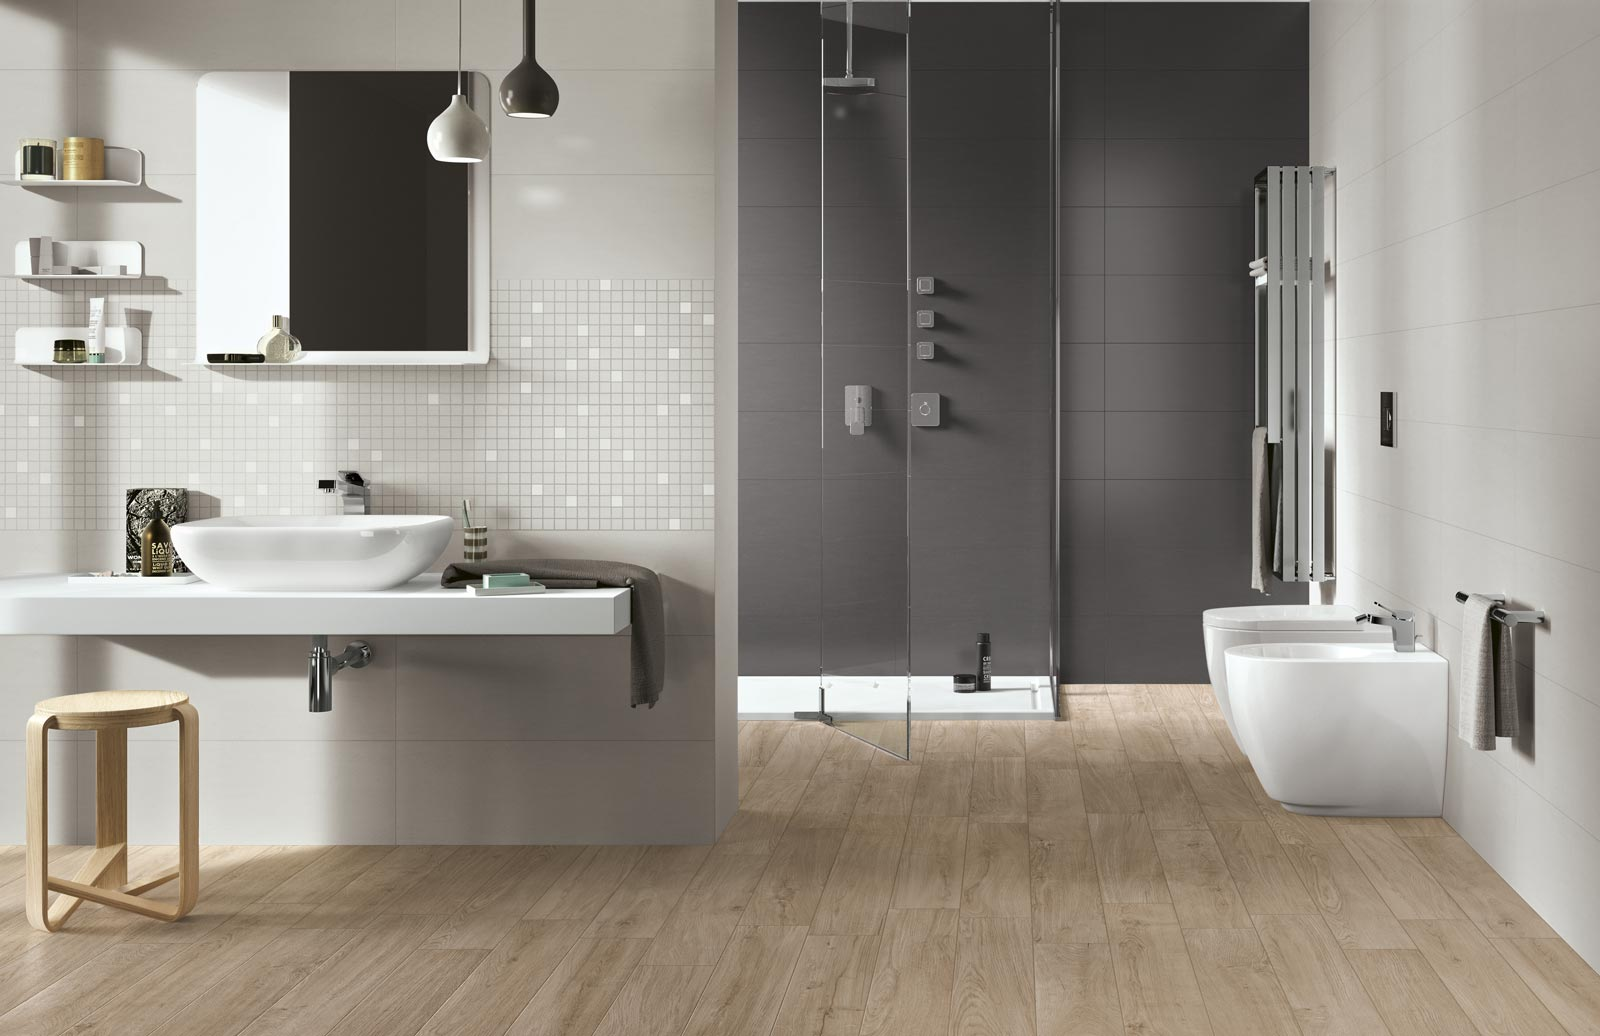 Piastrelle effetto legno e parquet ragno - Pavimento in legno per bagno ...